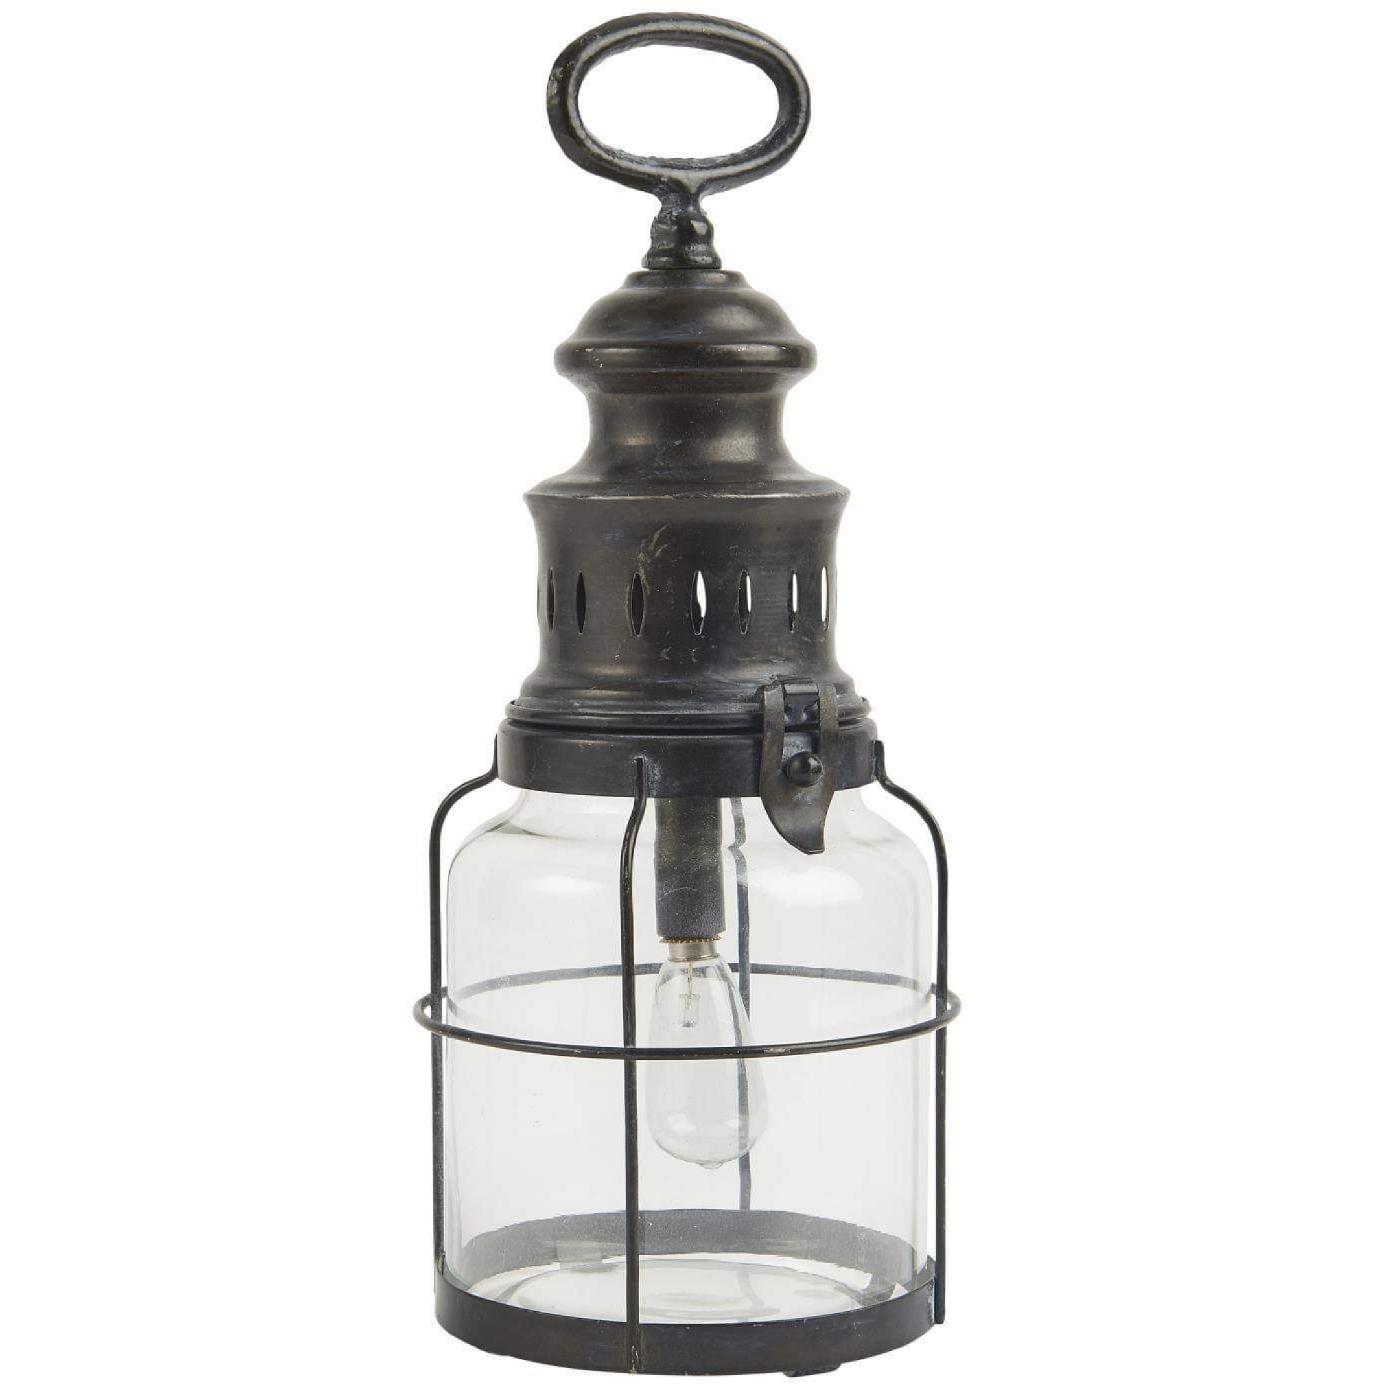 Ib Laursen - LED-lanterne med gitter om glasset